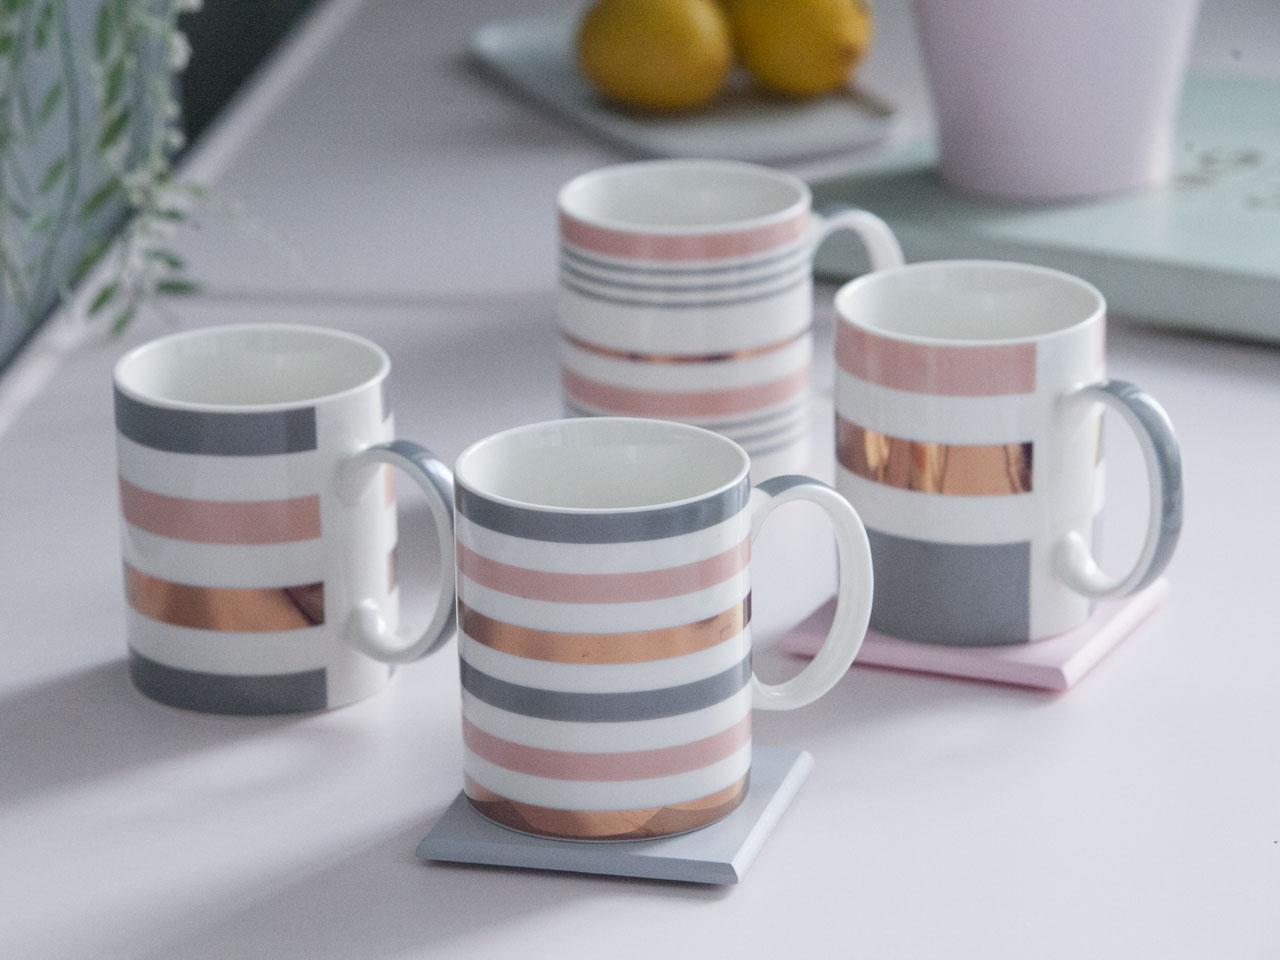 Kubek porcelanowy Altom Design Miedziane Pasy 350 ml